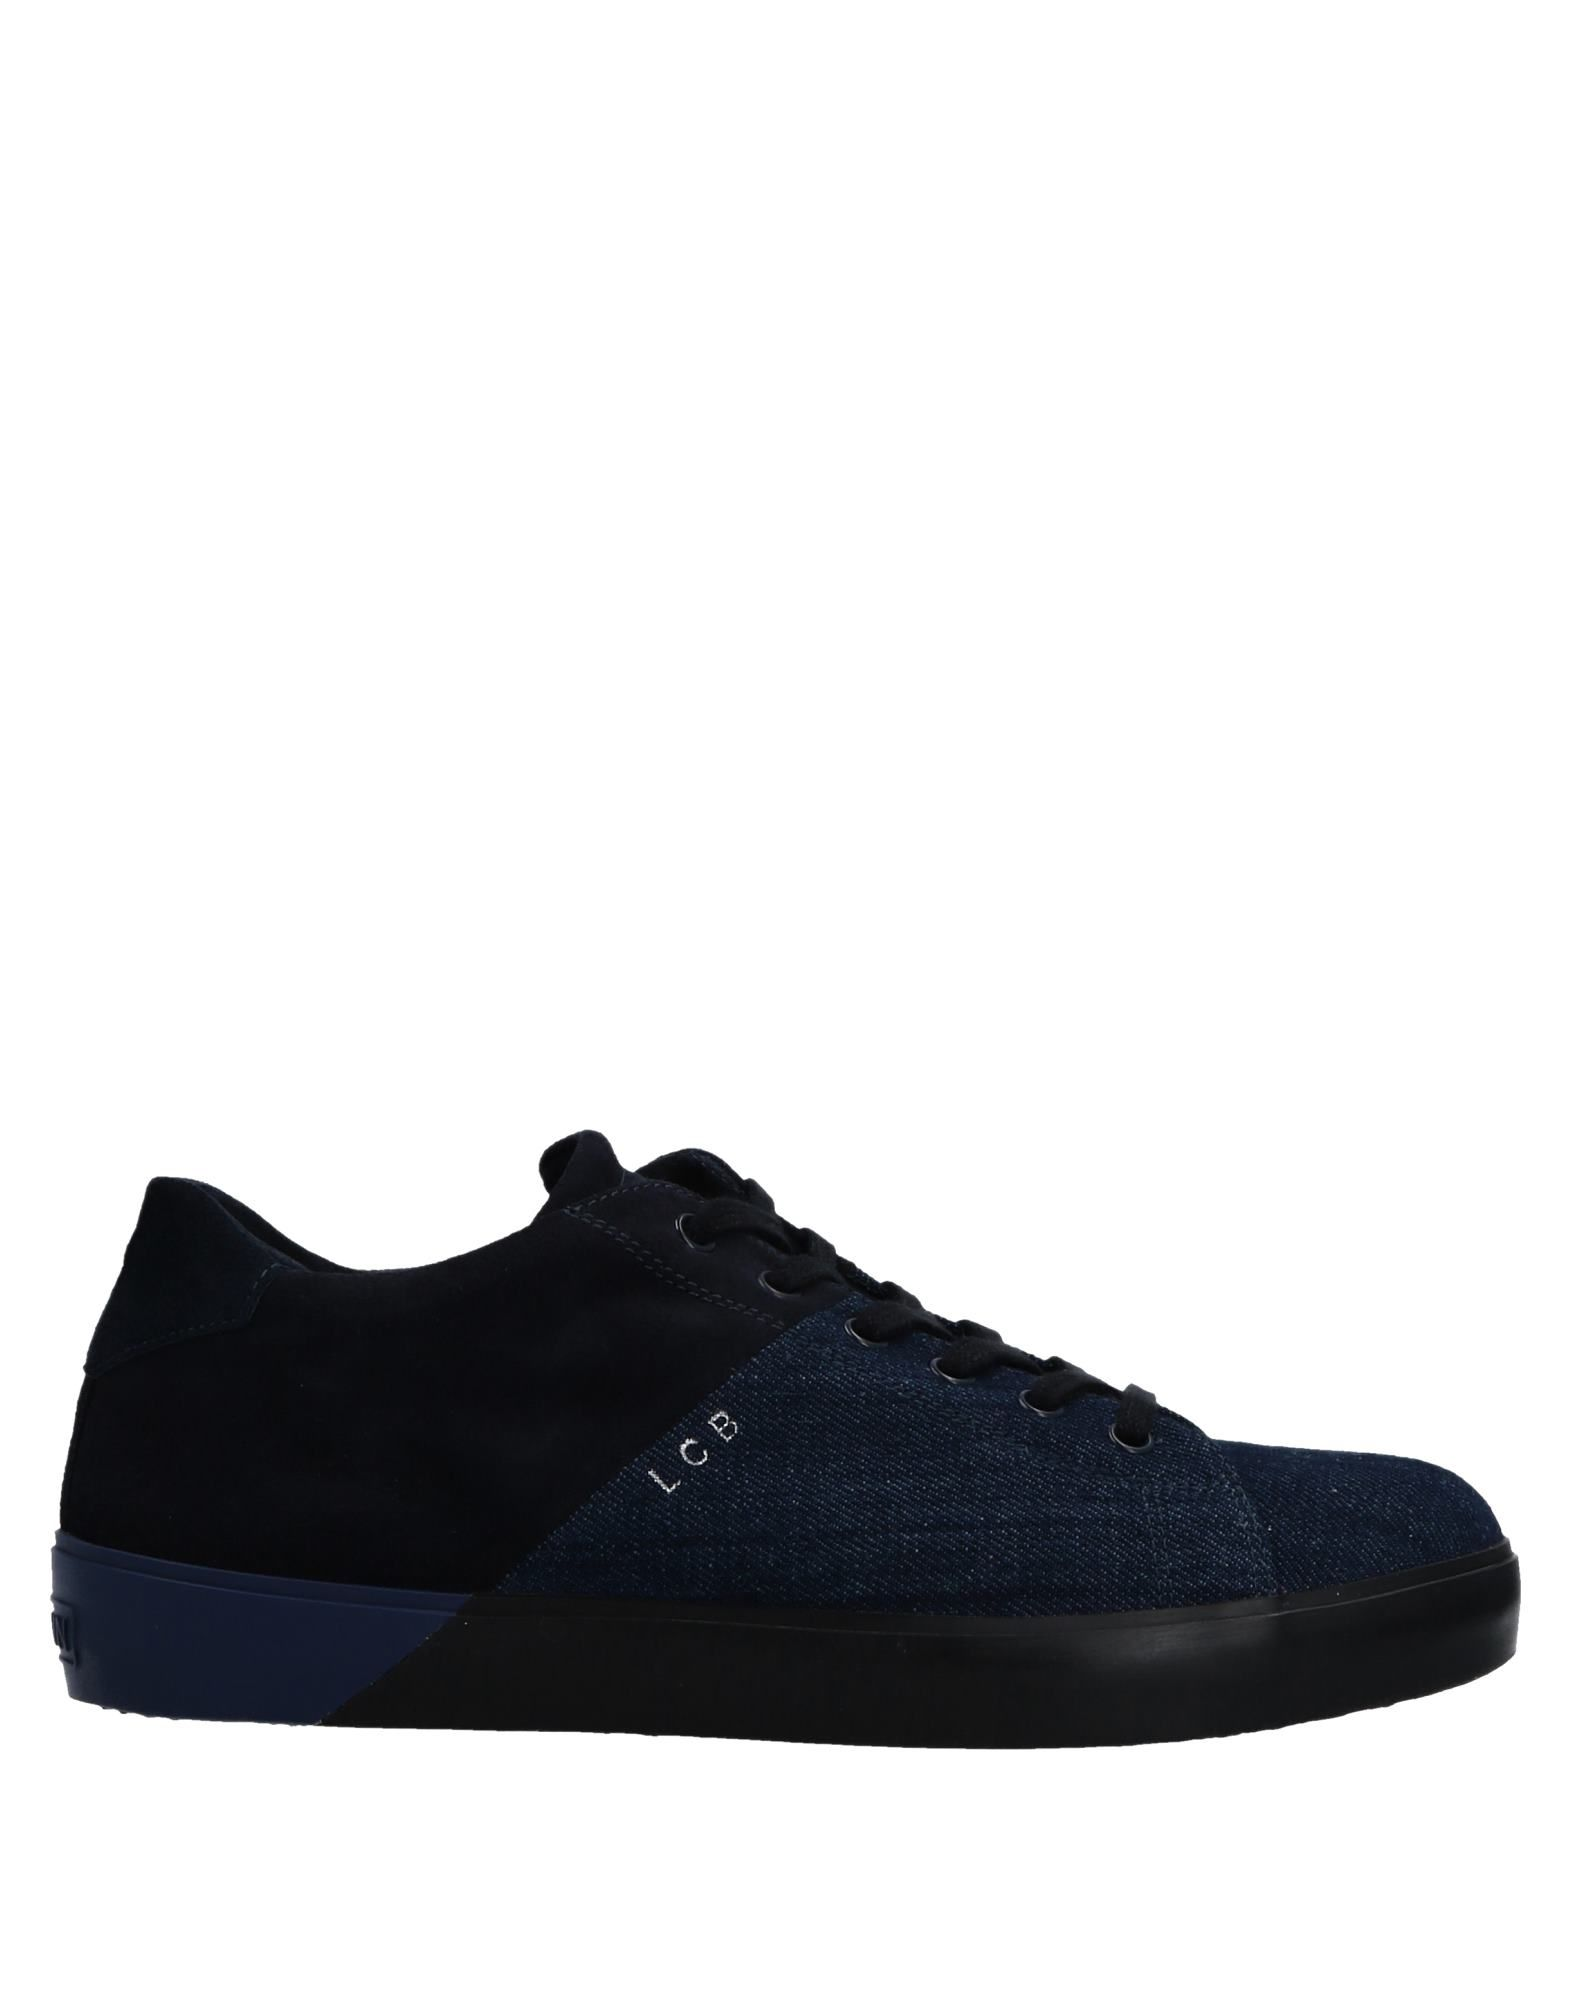 Leather Crown Sneakers Herren  11531756HI 11531756HI  540993